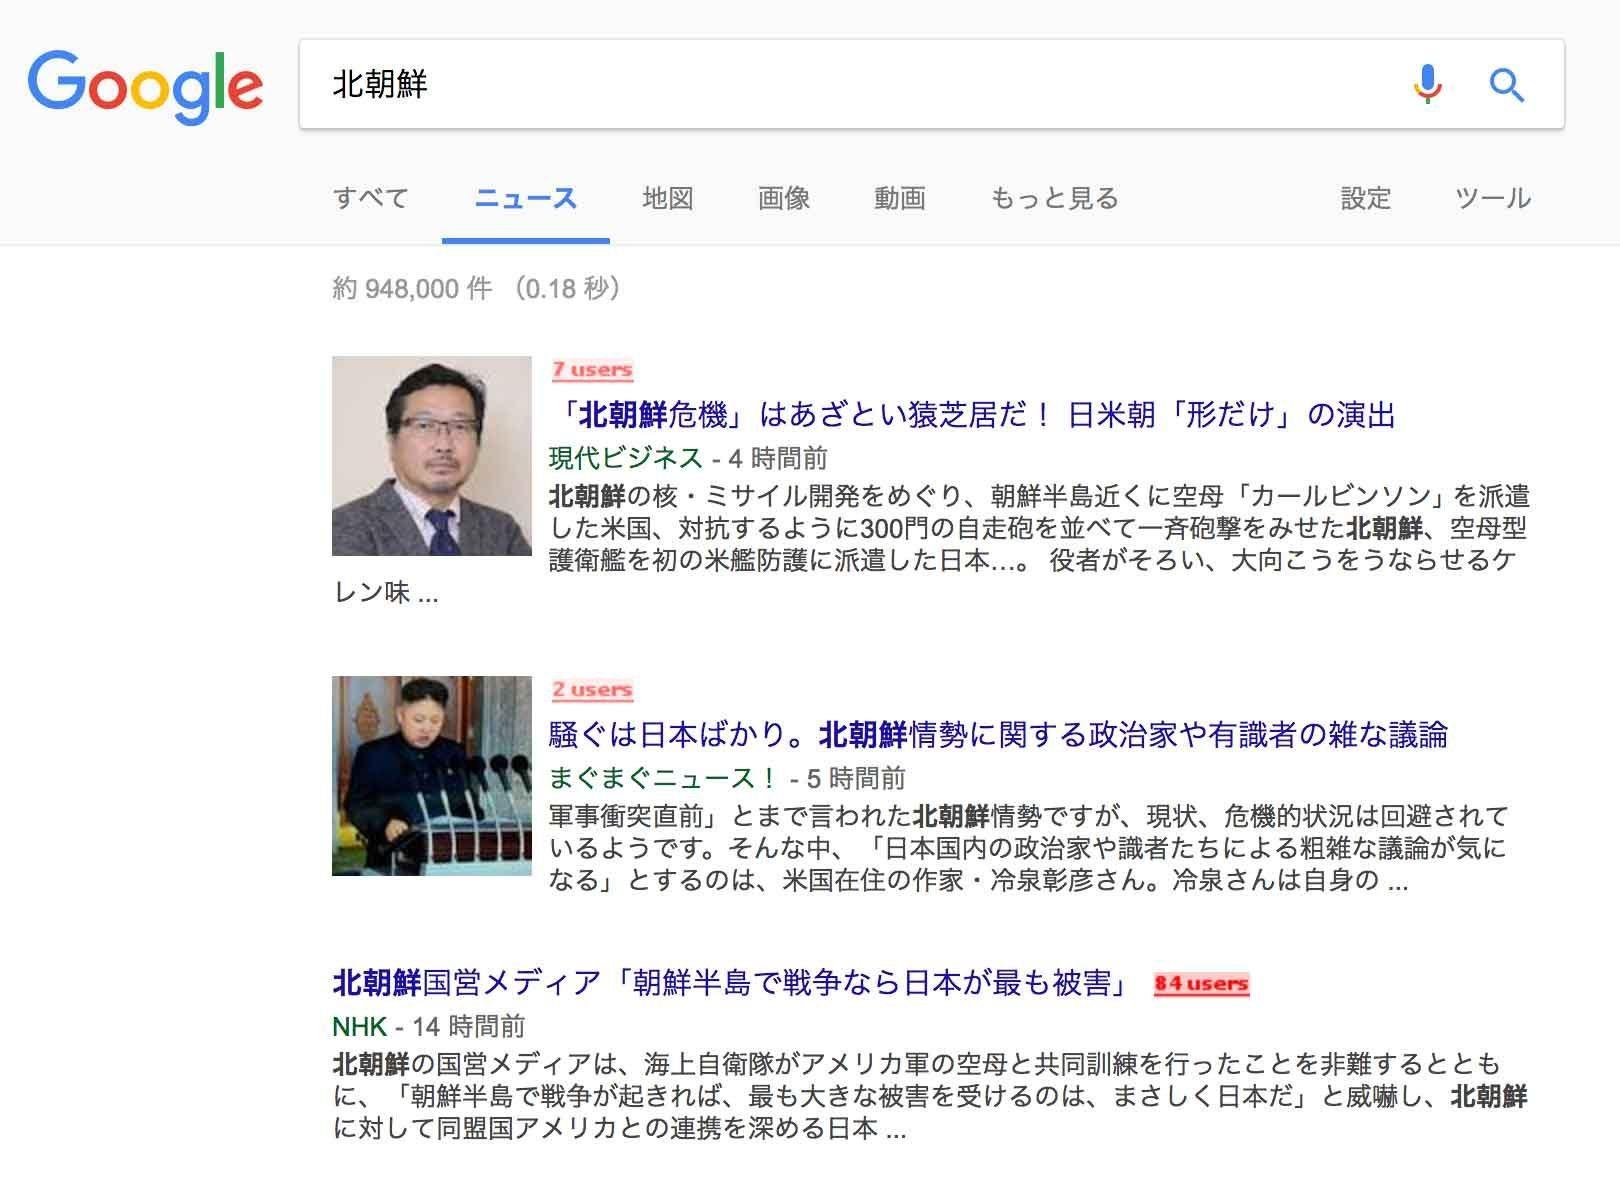 ニュース検索